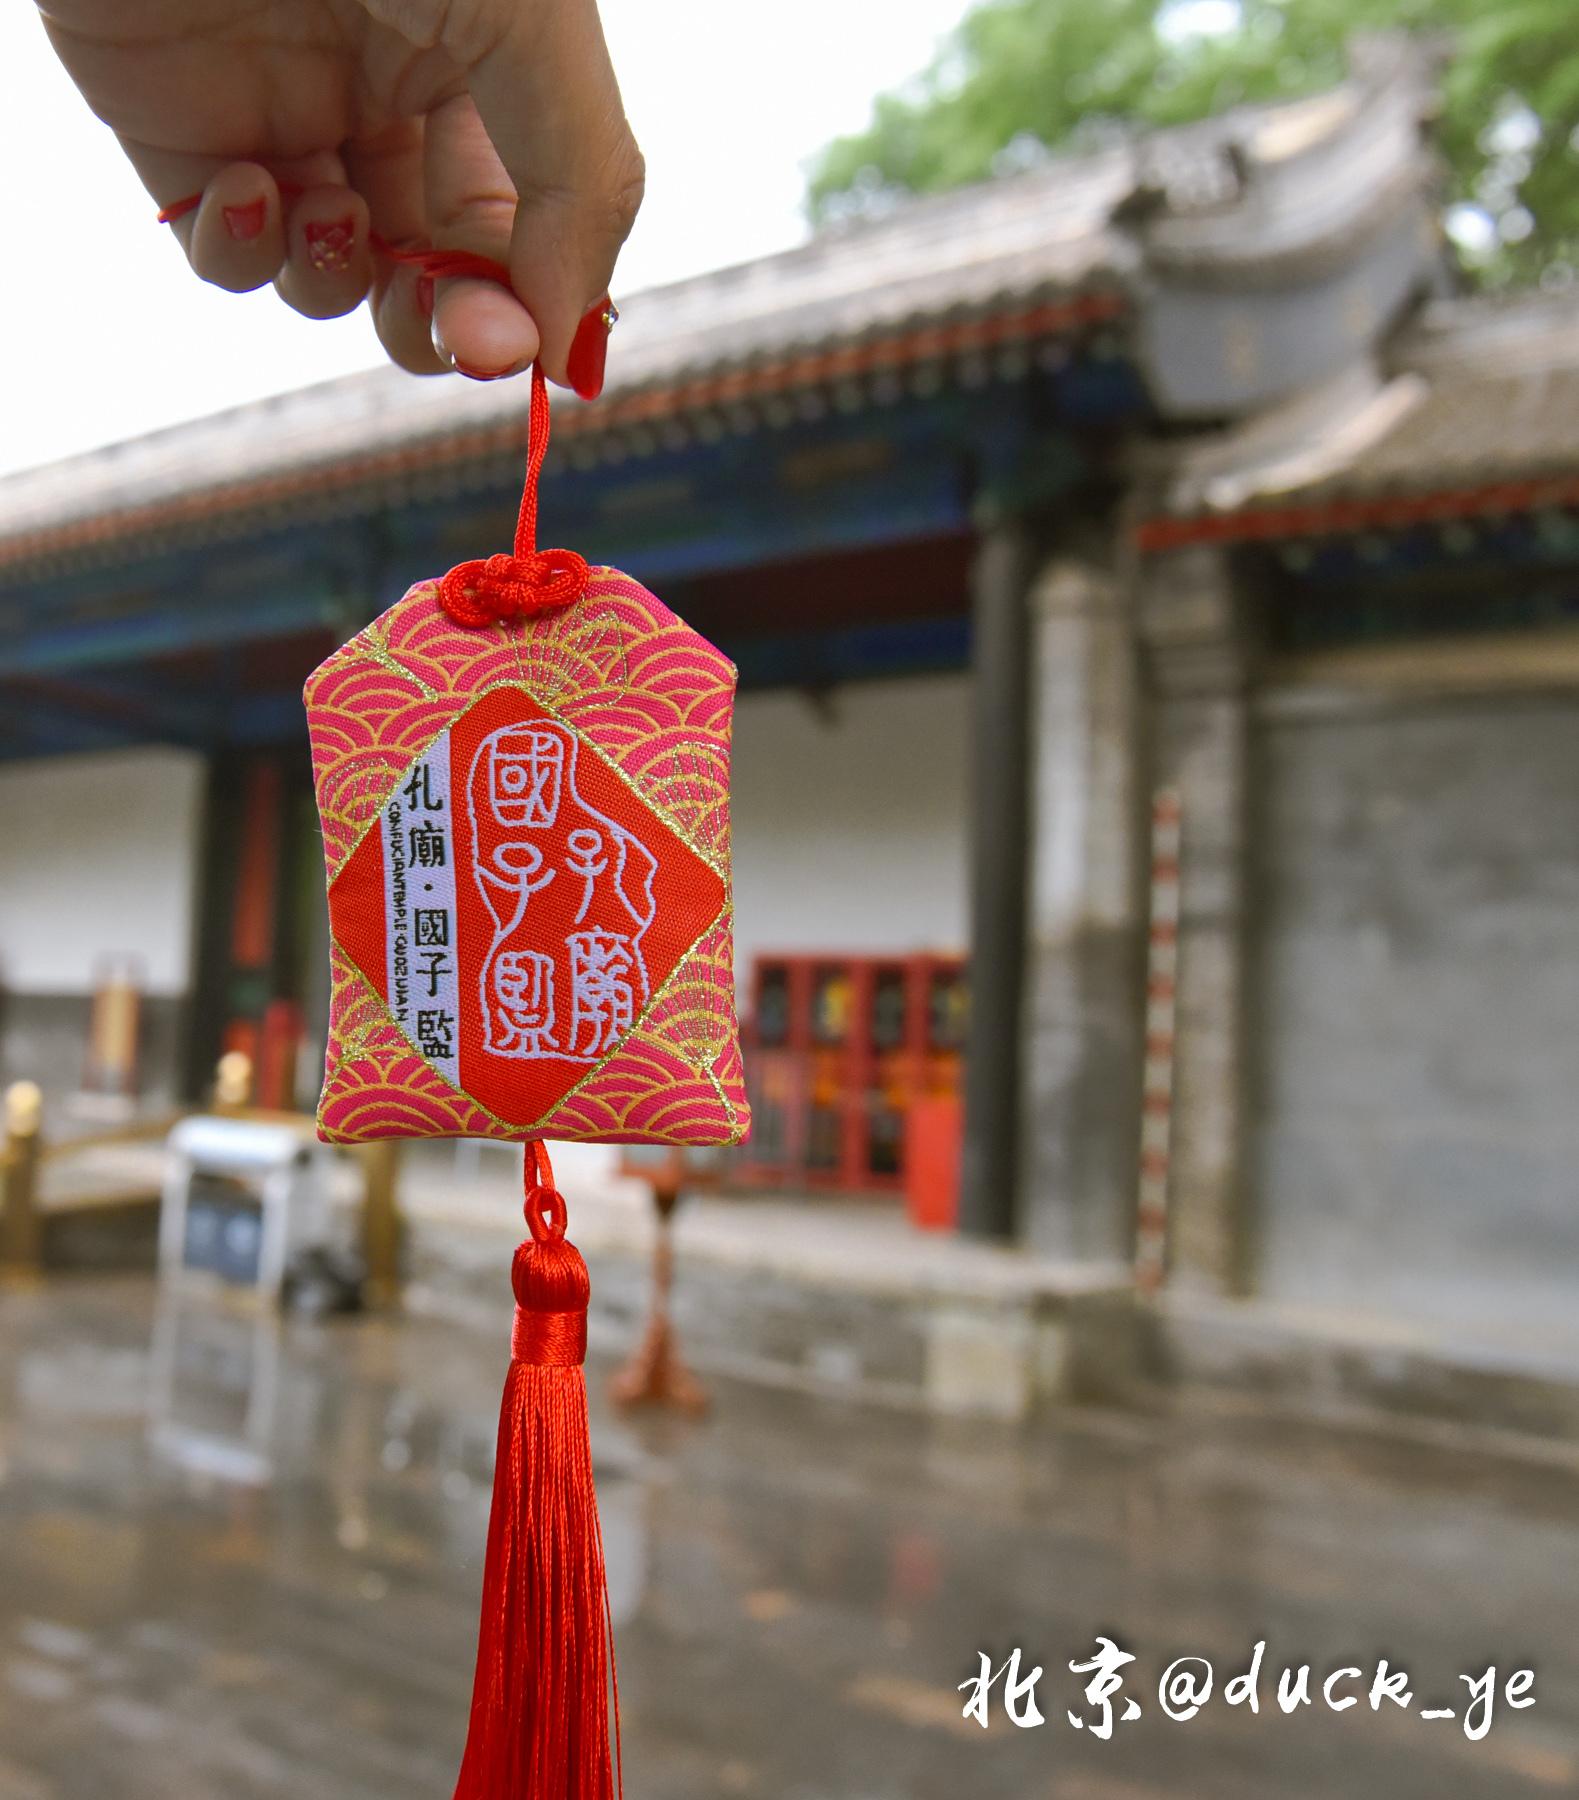 北京孔庙,比故宫历史还悠久,高考前后最为热闹